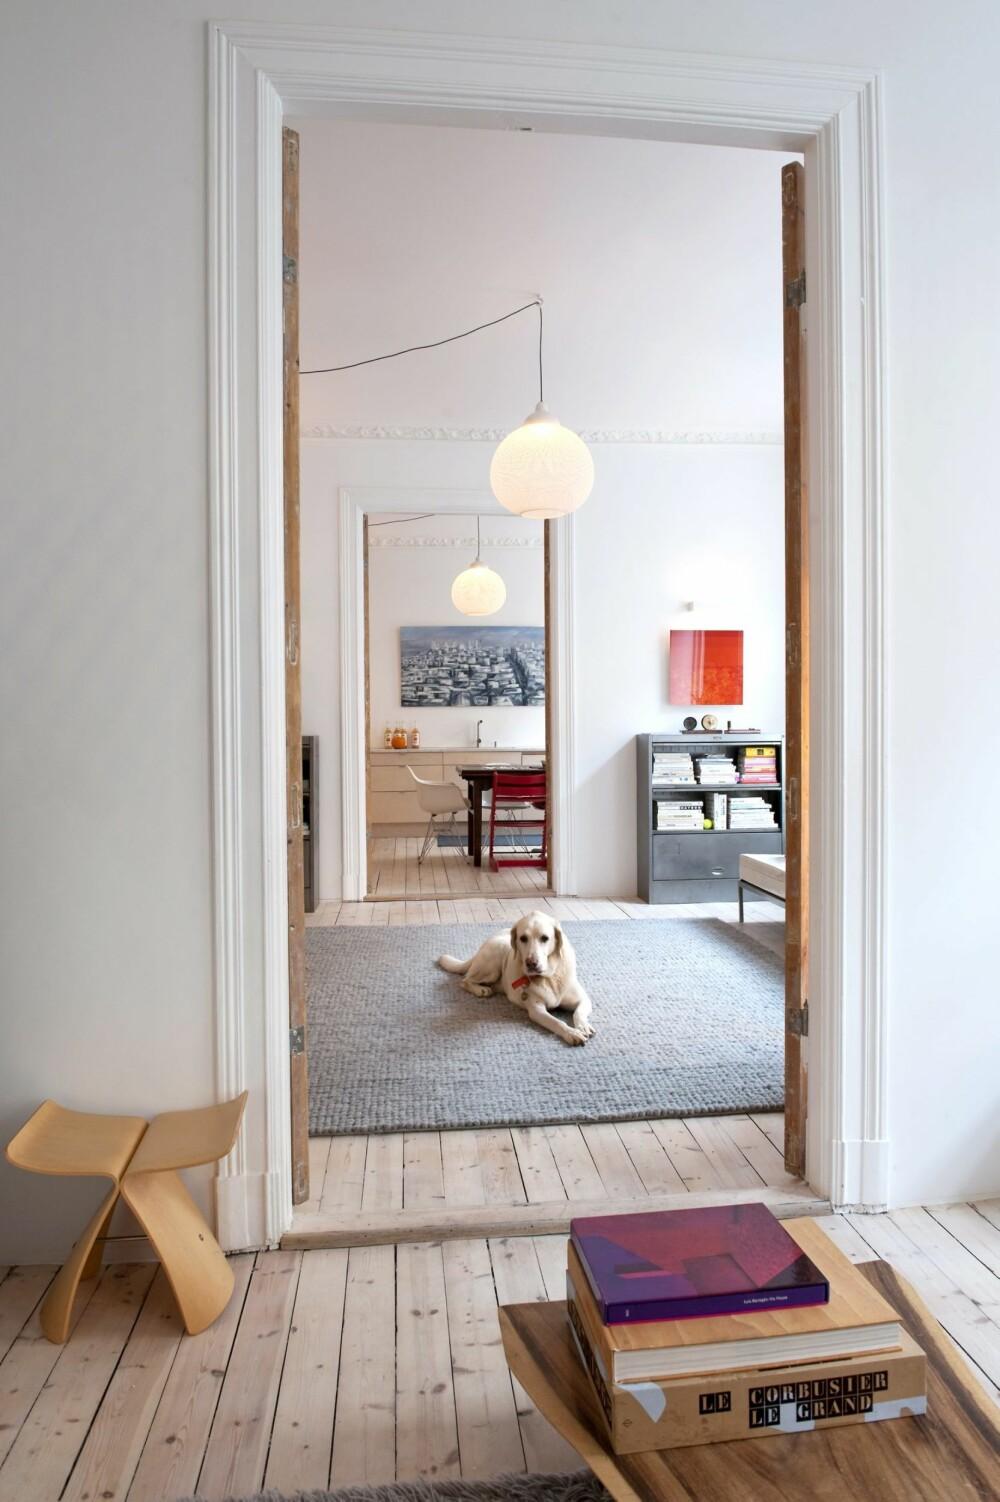 TEPPE SOM MØBEL: Et stort teppe kan være fint i en stor hall der det er gjennomgang og hvor det dermed ikke kan stå møbler. Et kroppsvennlig teppe vil i noen tilfeller innby til å tilbringe mer tid på gulvet, for eksempel sammen med barn og dyr.